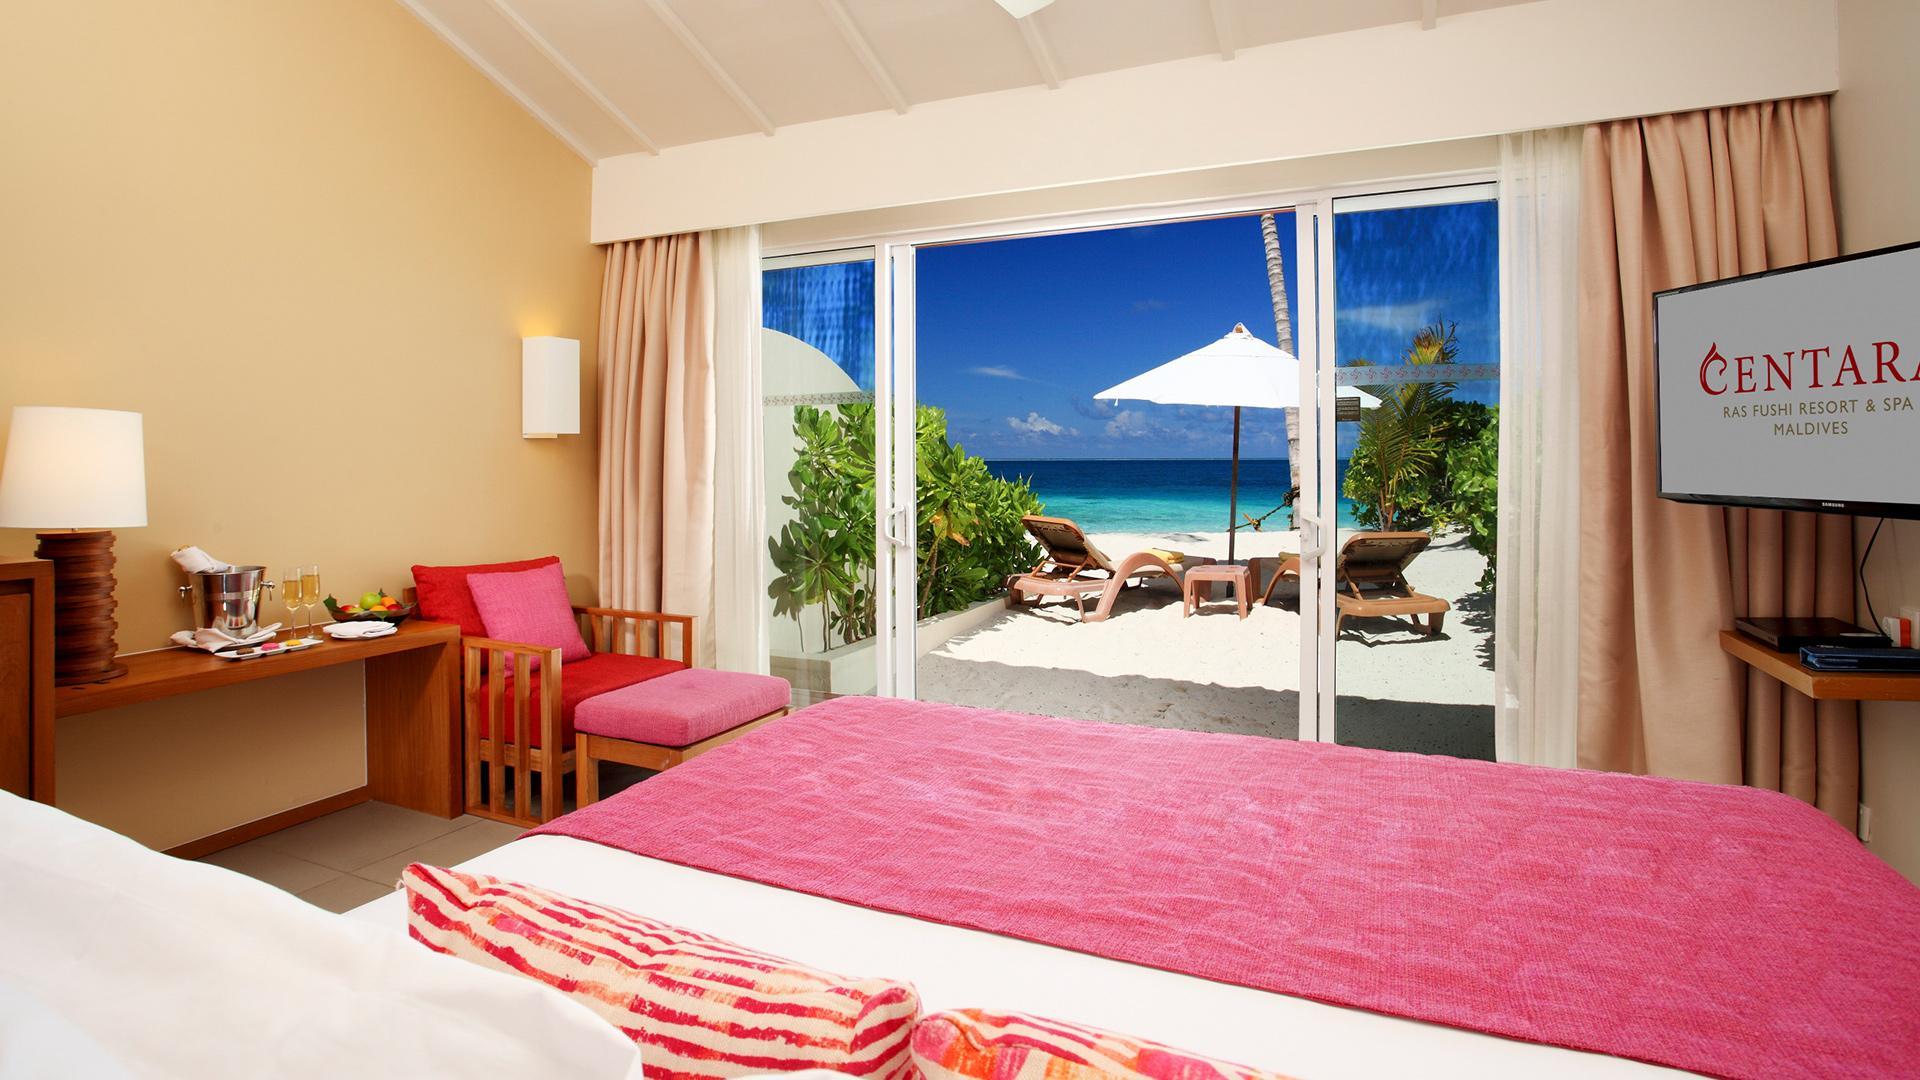 Oceanfront Beach Villa image 1 at Centara Ras Fushi Resort & Spa Maldives by Kaafu Atoll, null, Maldives